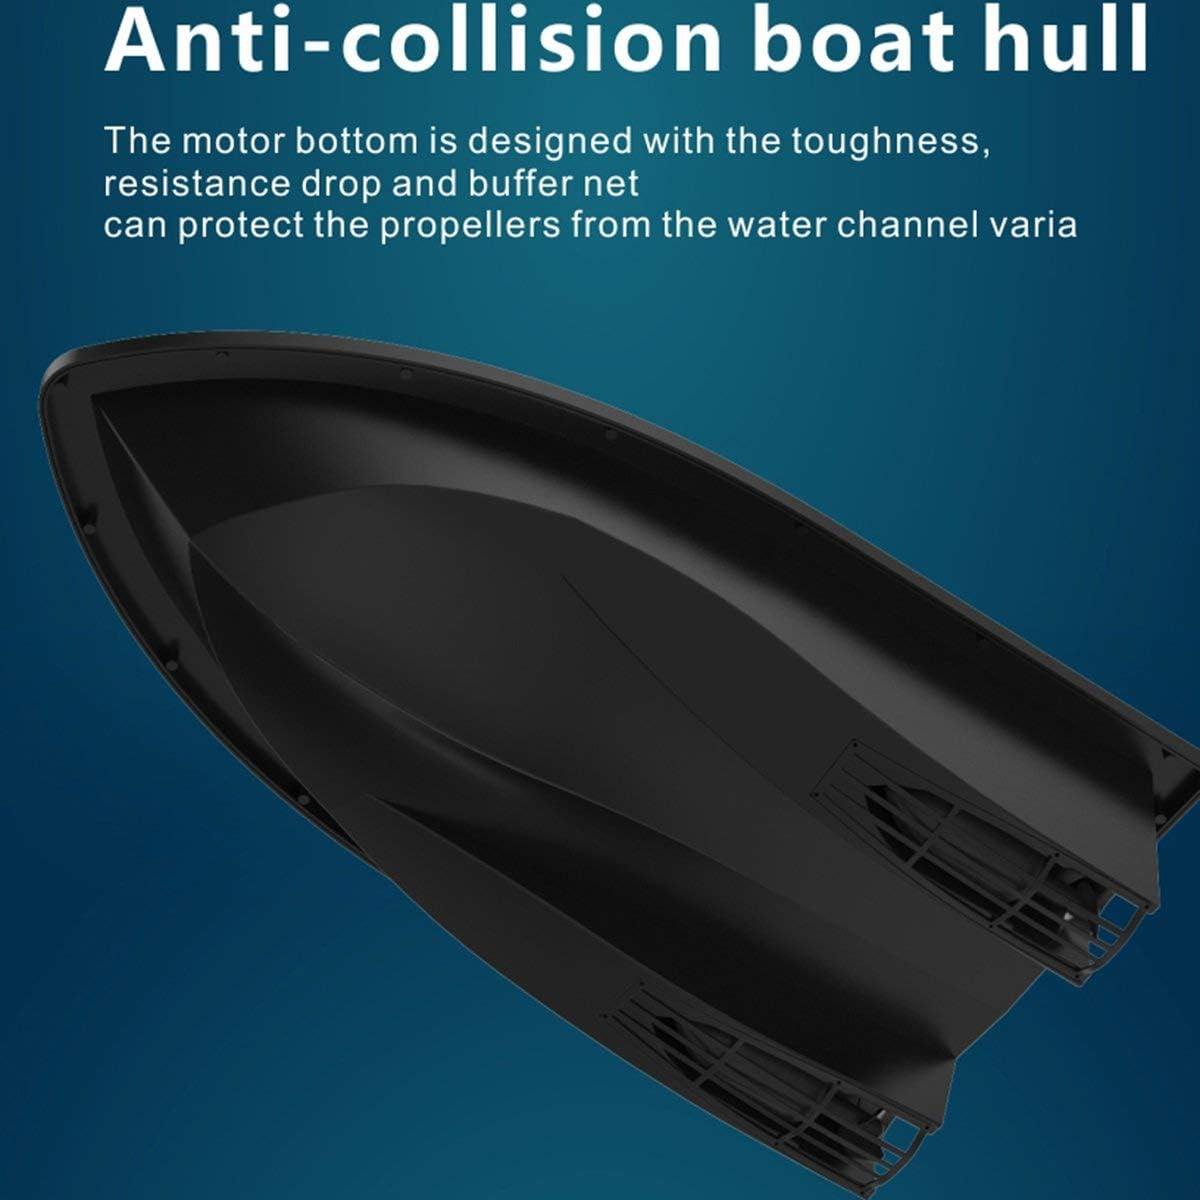 Greatangle D11 Smart RC Bait Boat Giocattoli Doppio Motore Fish Finder Nave Telecomando 500m Barche da Pesca Motoscafo Strumento di Pesca Spina USA Nero